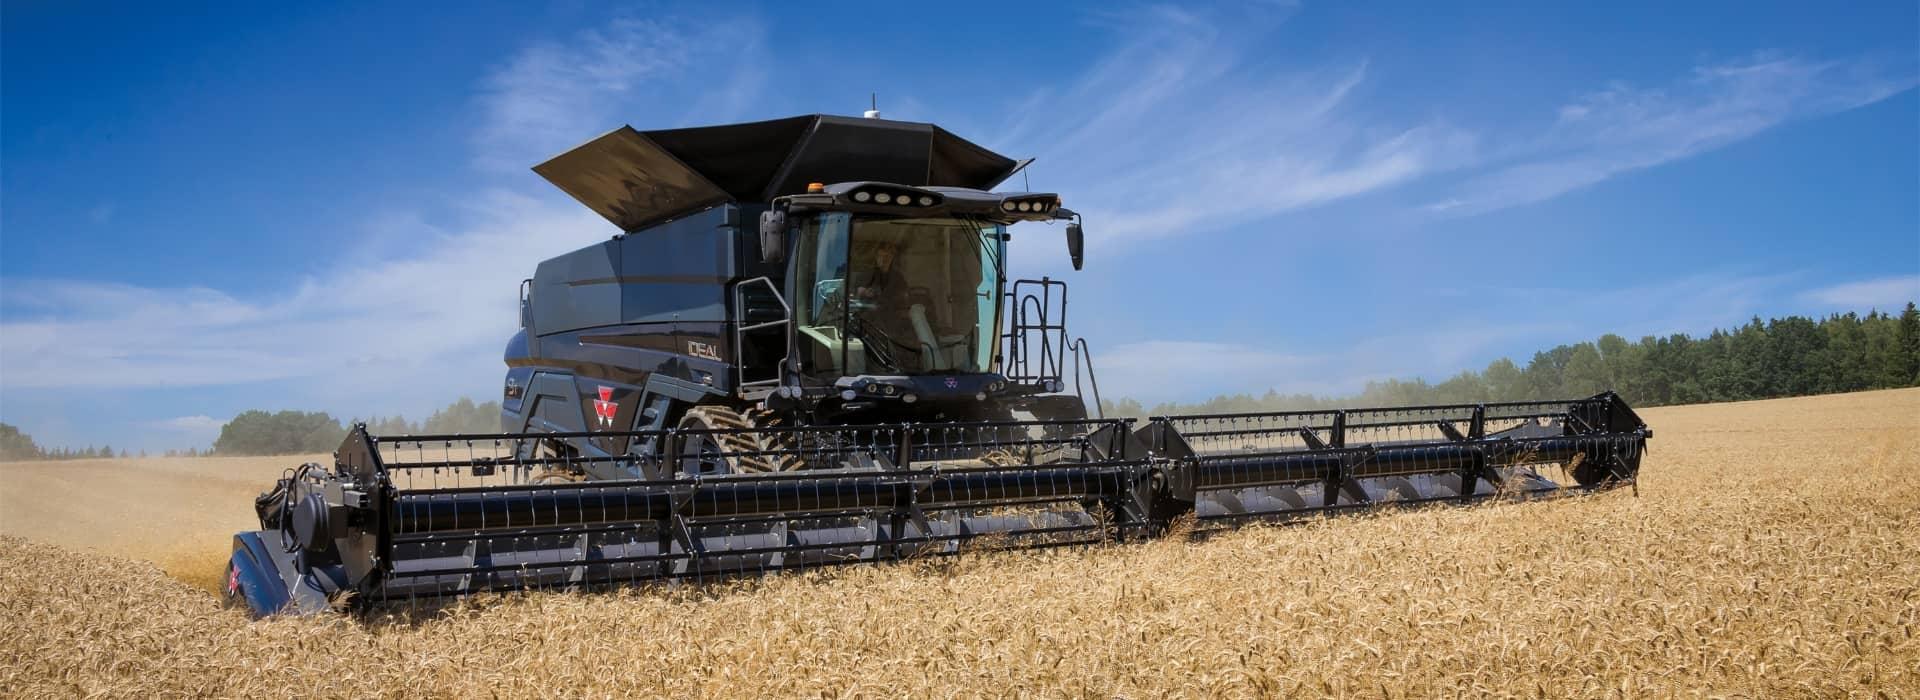 Выкуп сельско-хозяйственной техники